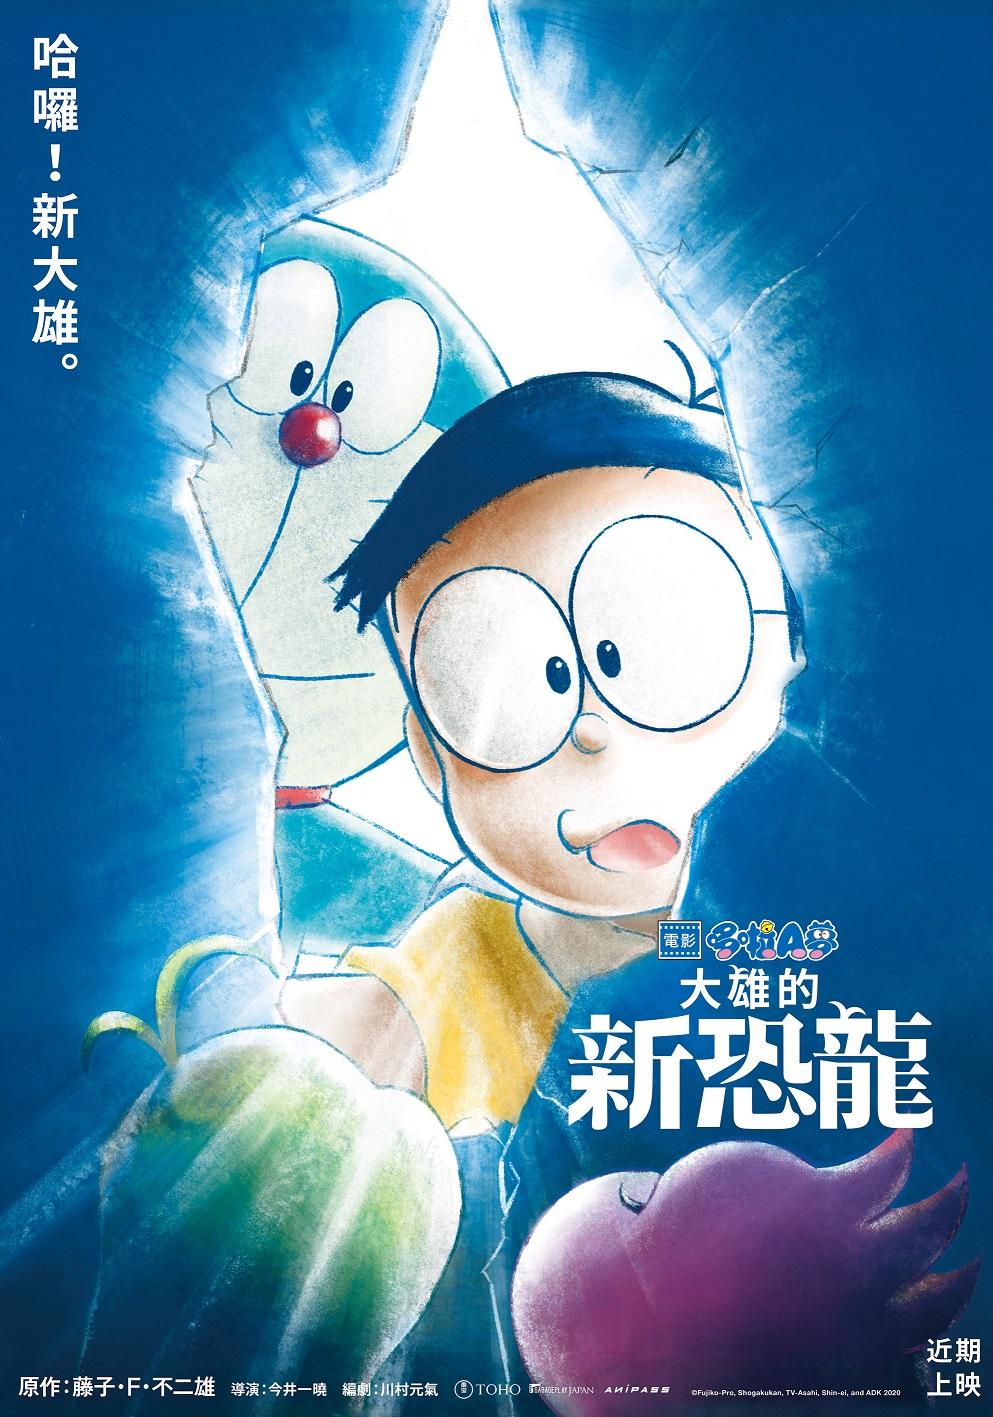 《電影 哆啦A夢:大雄的新恐龍》海報